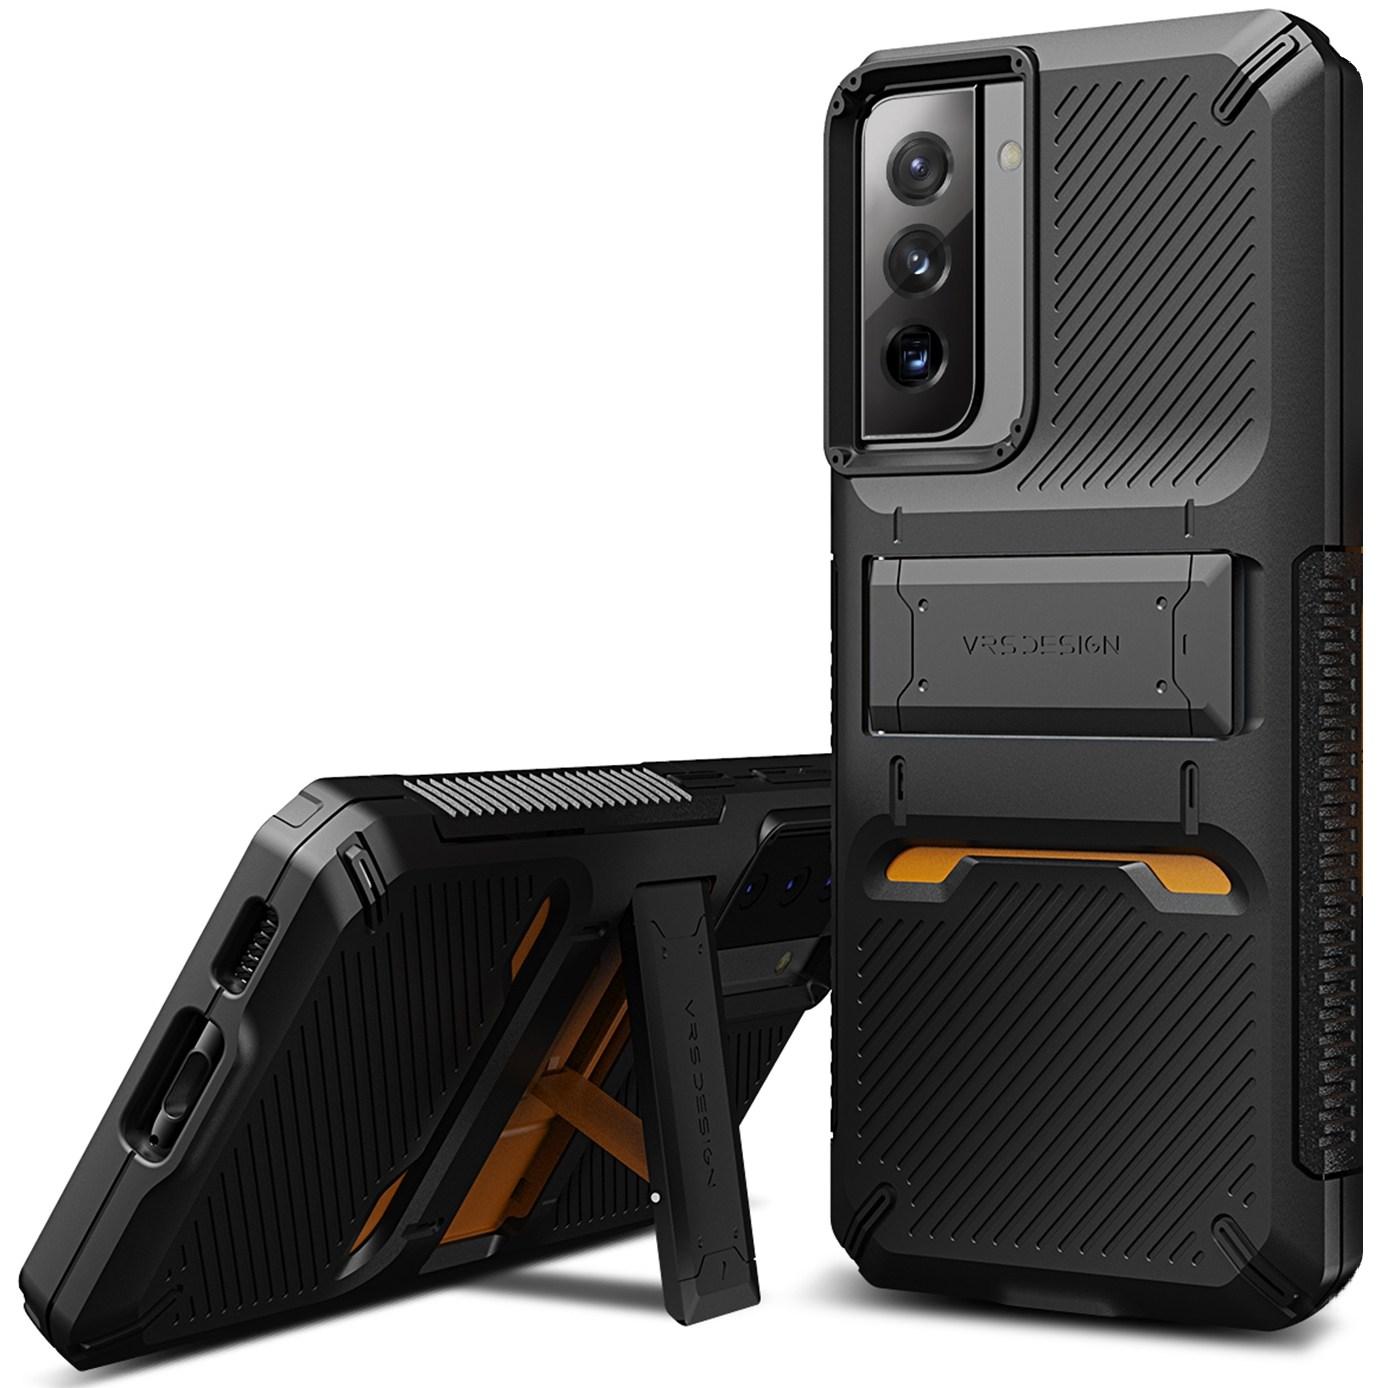 베루스 퀵 스탠드 프로 원터치 거치대 핸드폰 케이스